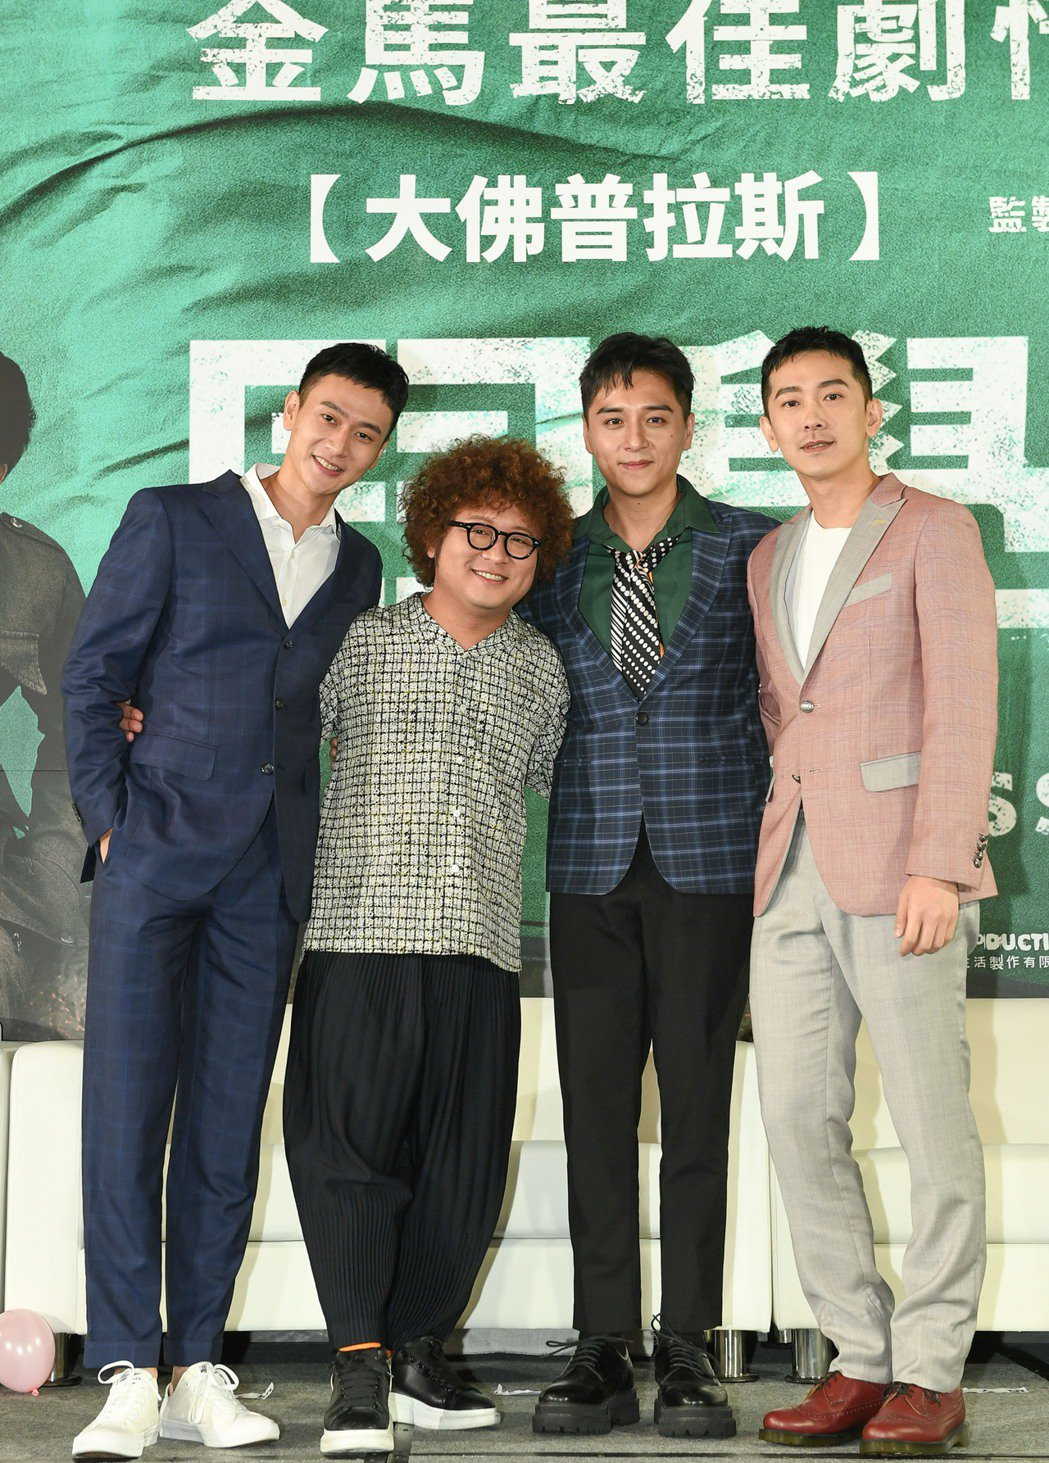 劉冠廷(左起)、納豆、鄭人碩以及施名帥出席「同學麥娜絲」記者會。圖/甲上提供